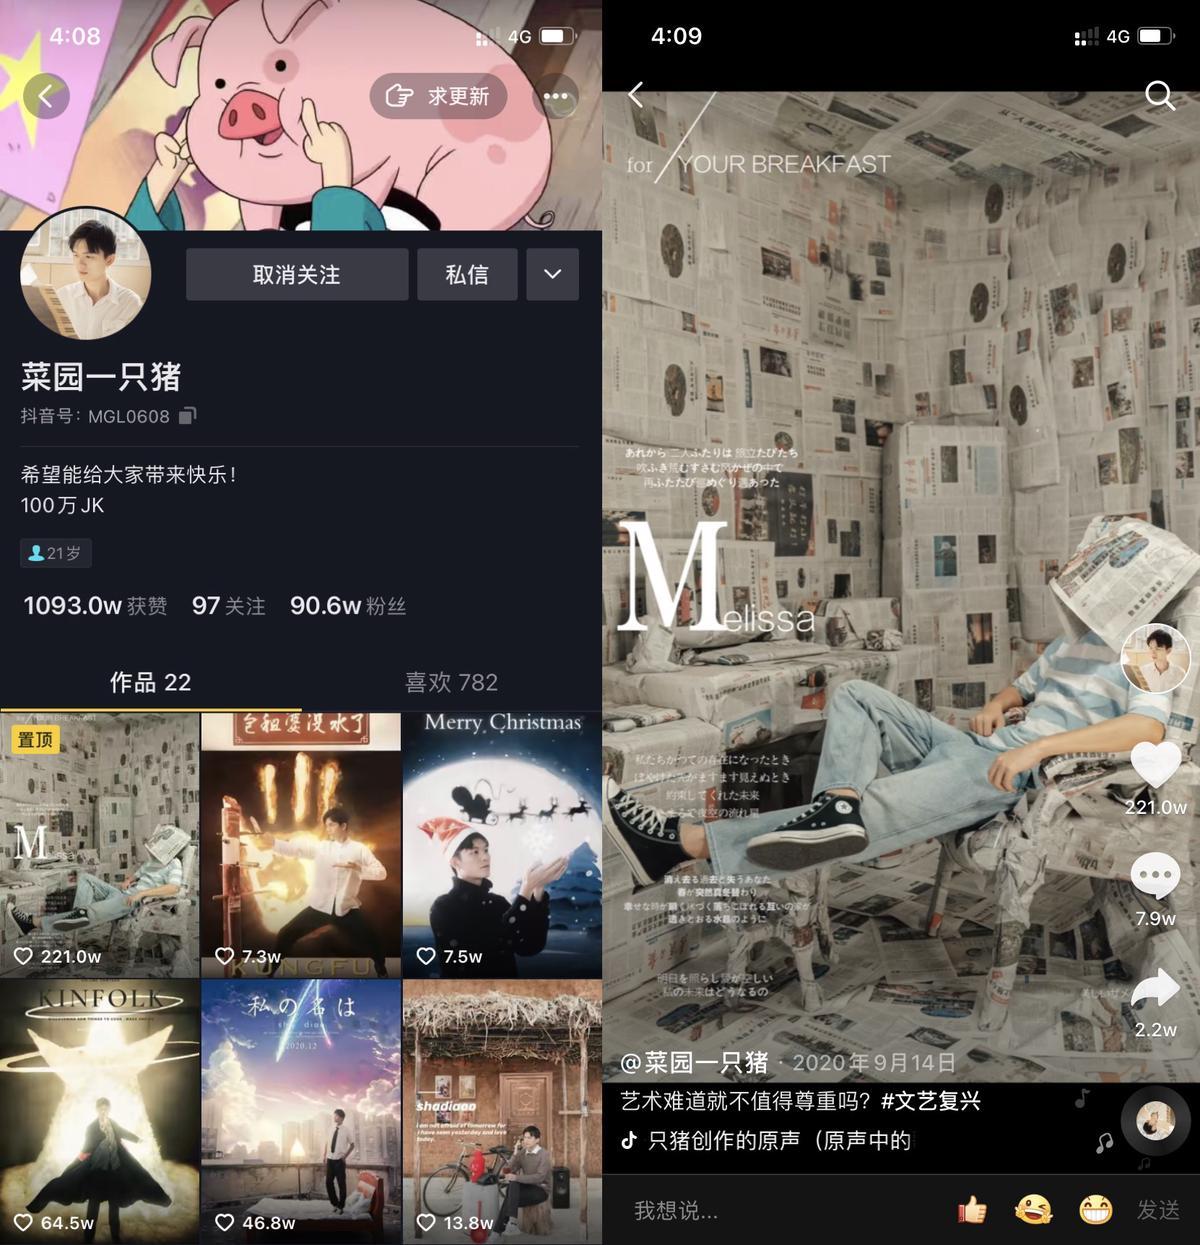 莫贵凌-抖音账号@菜园一只猪,90万粉丝催更的95后摄影师